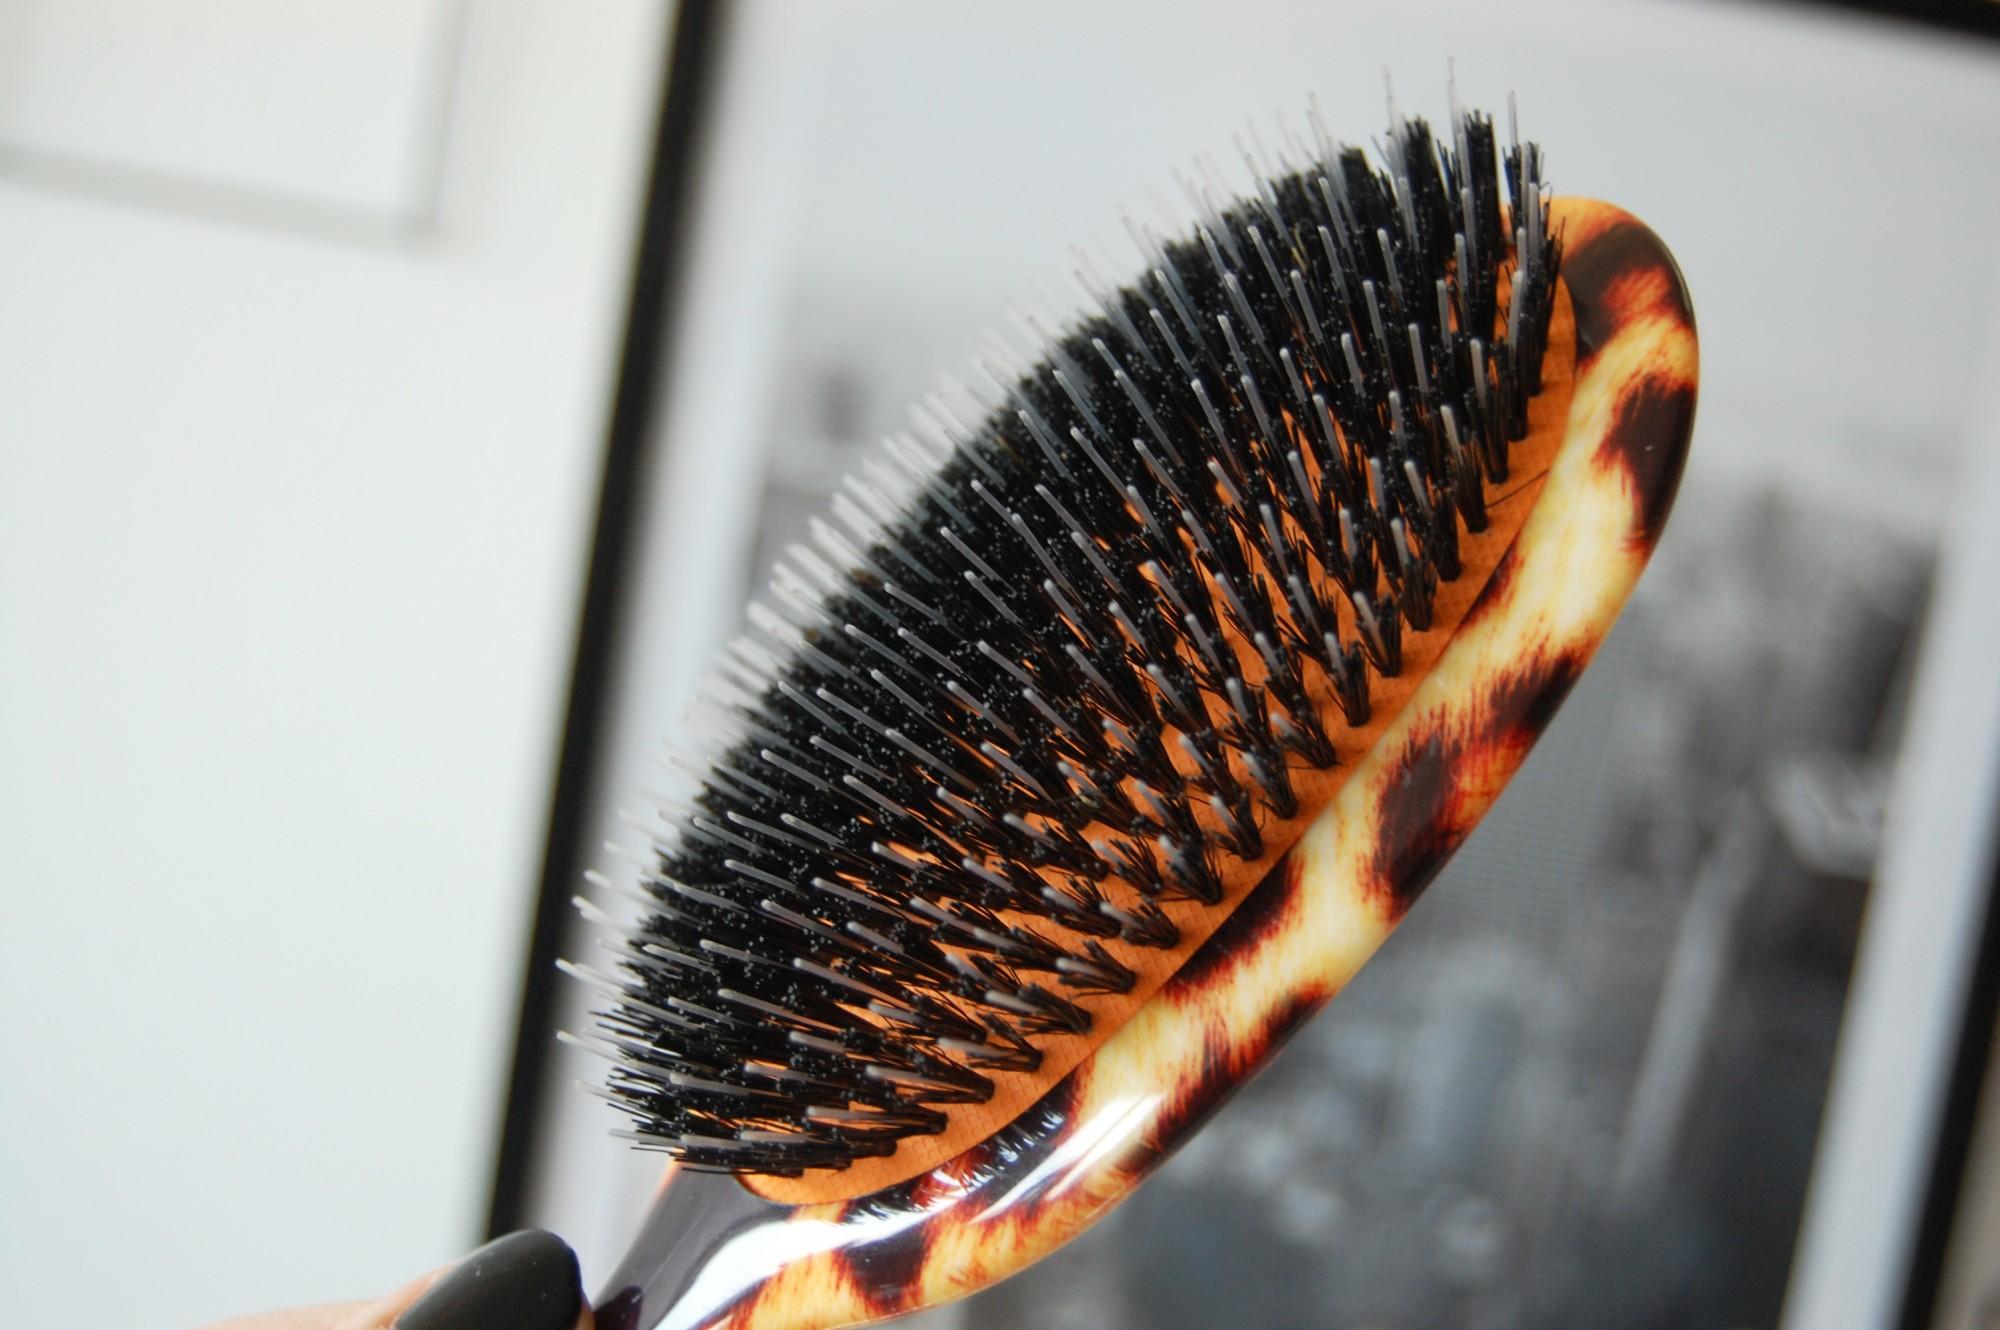 Rock & Ruddle brush